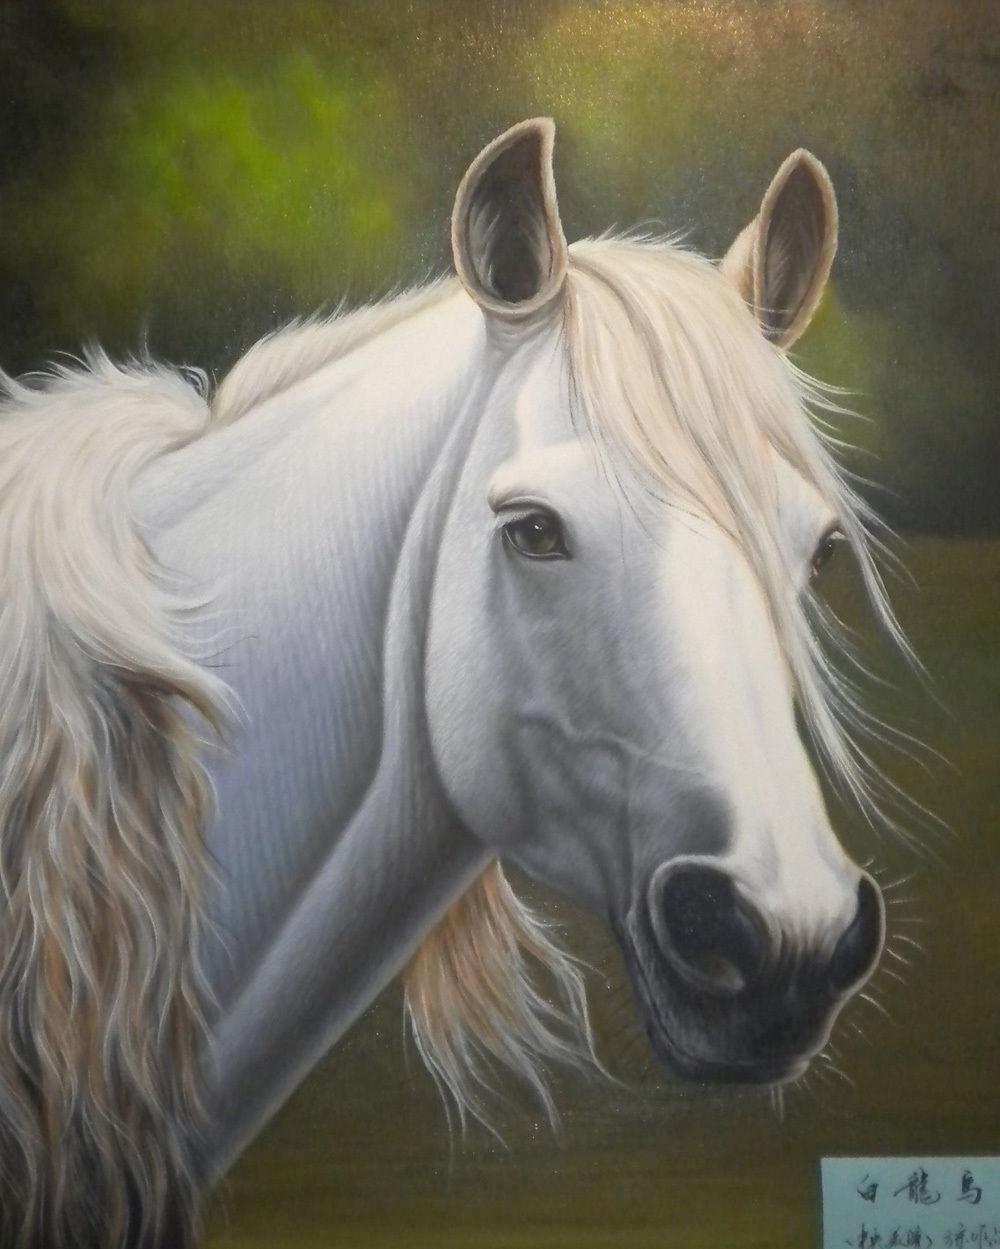 f720d7194 ⑤عالية الجودة رسمت باليد الحيوان النفط الطلاء على قماش: الحصان 24 x ...